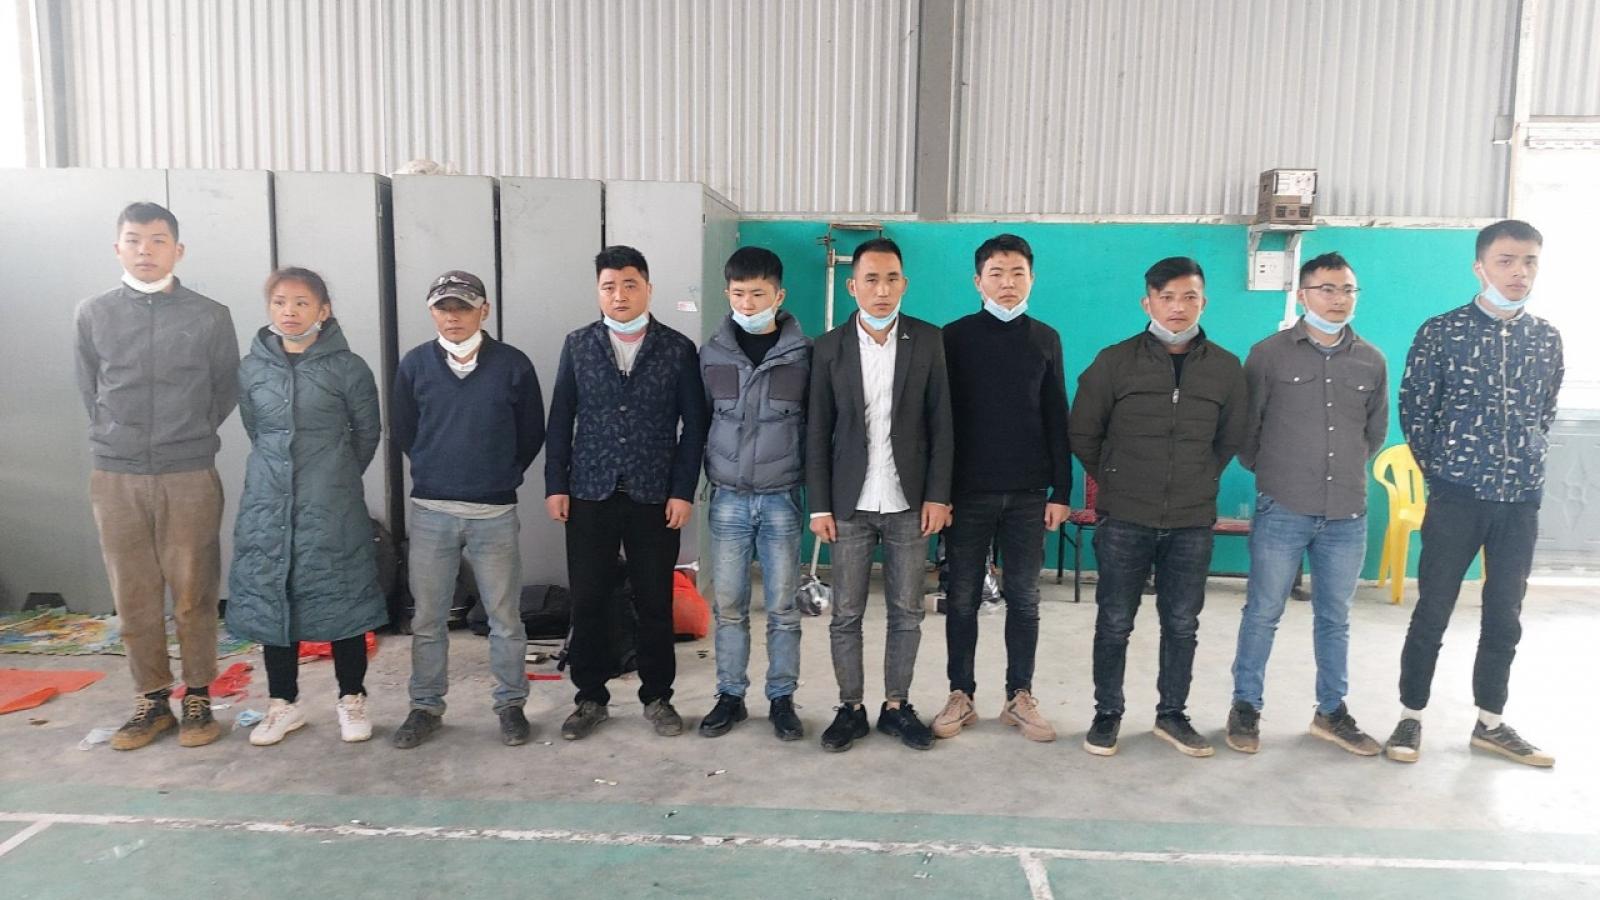 Bắt giữ 2 đối tượng tổ chức cho người Trung Quốc nhập cảnh trái phép